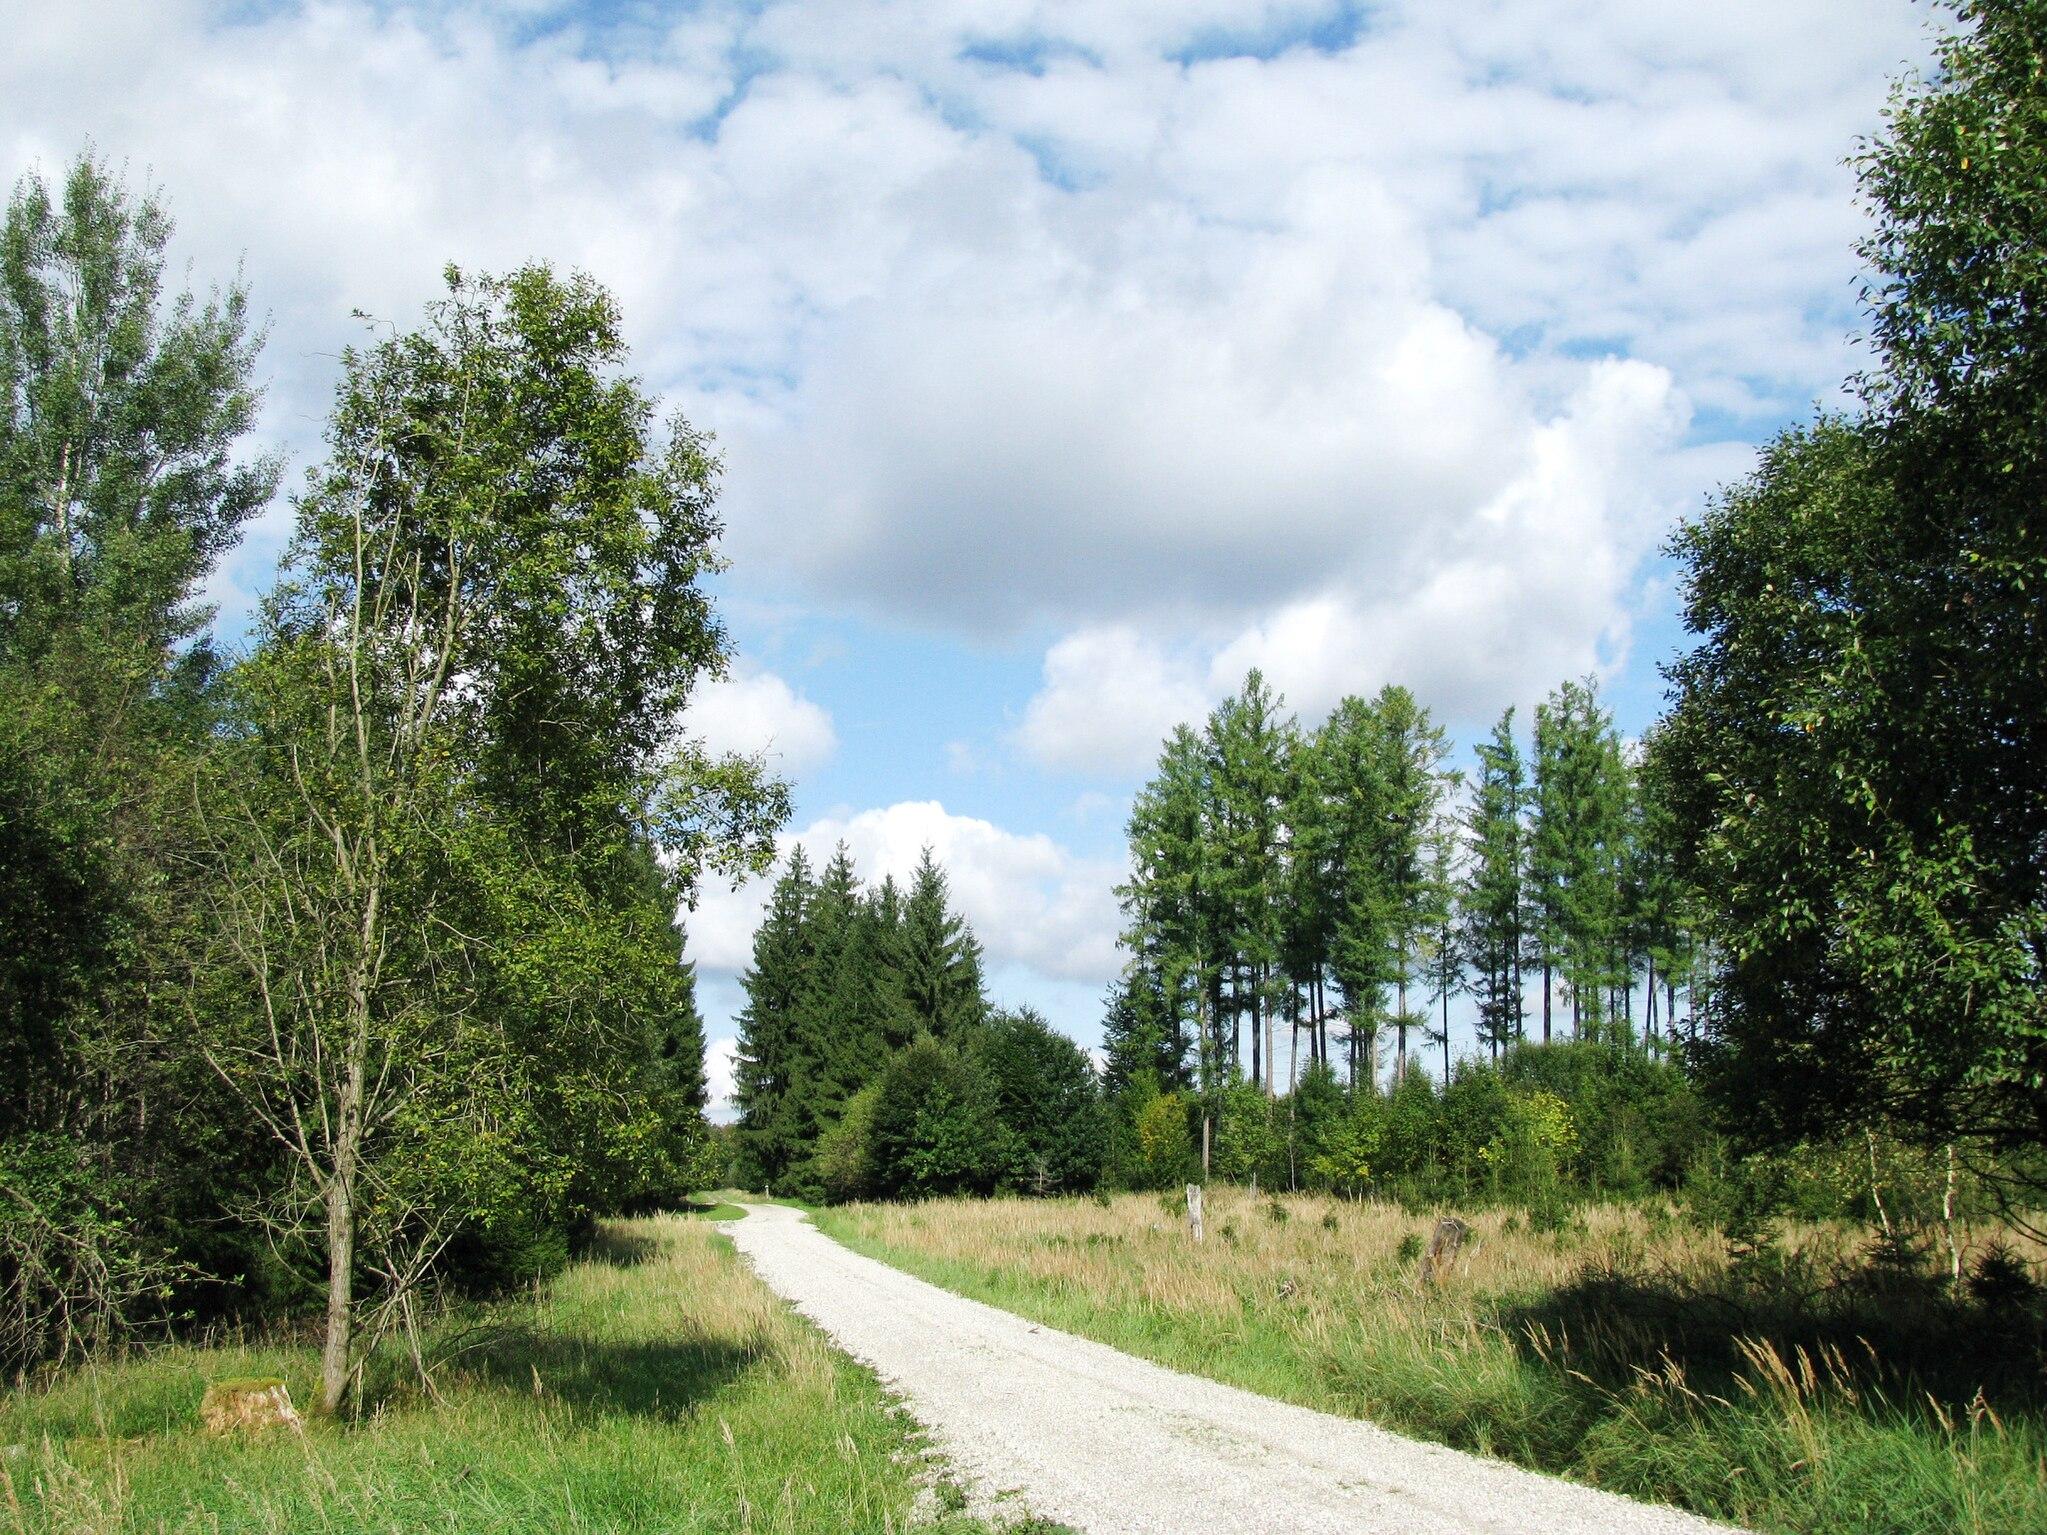 Hakenkreuze inverness